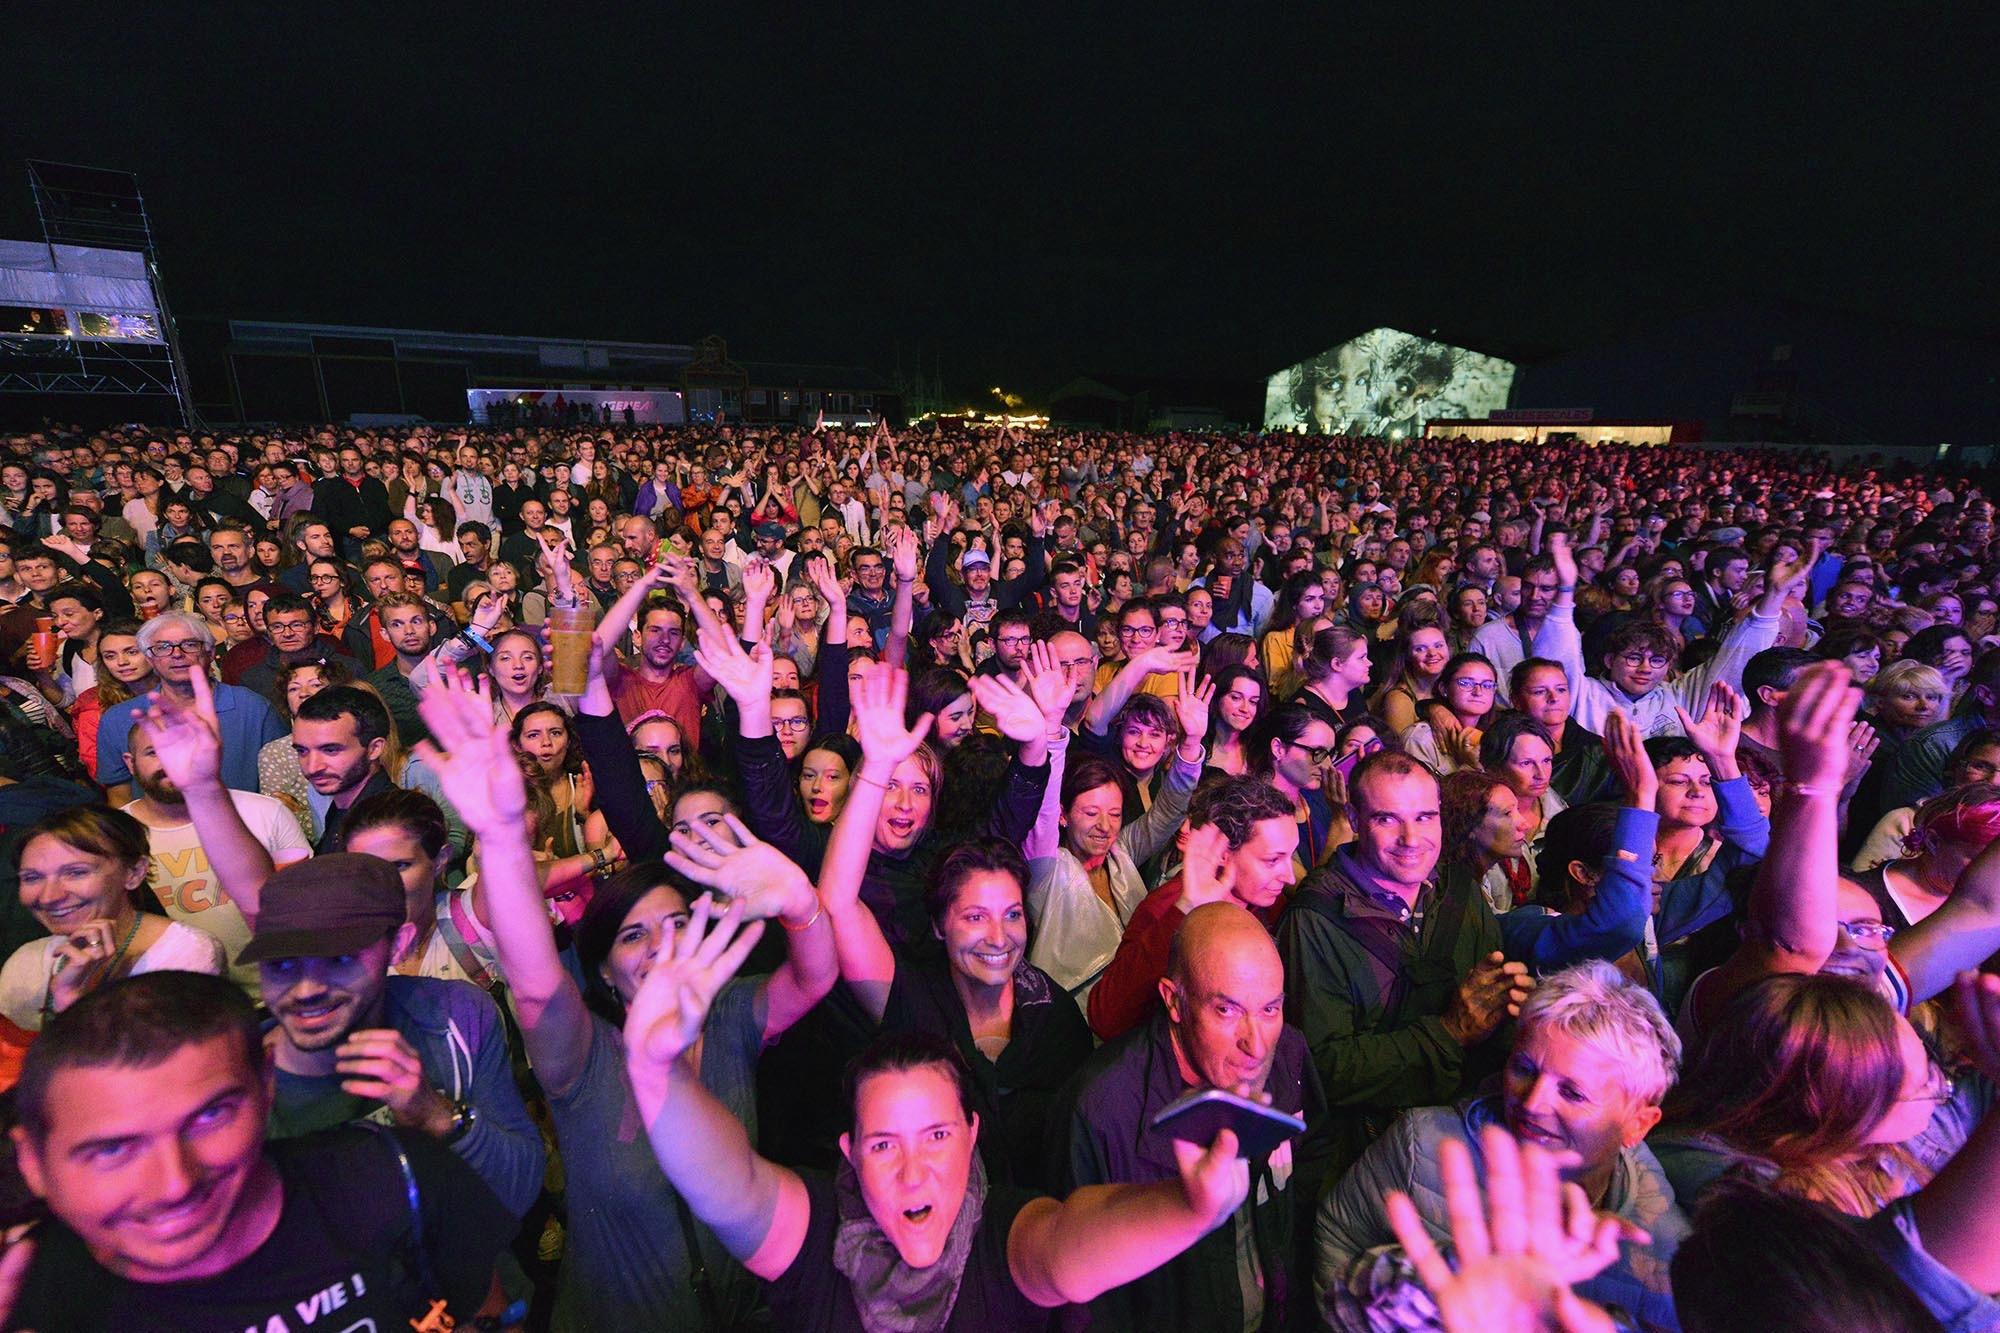 Le public au concert de Beth Ditto.